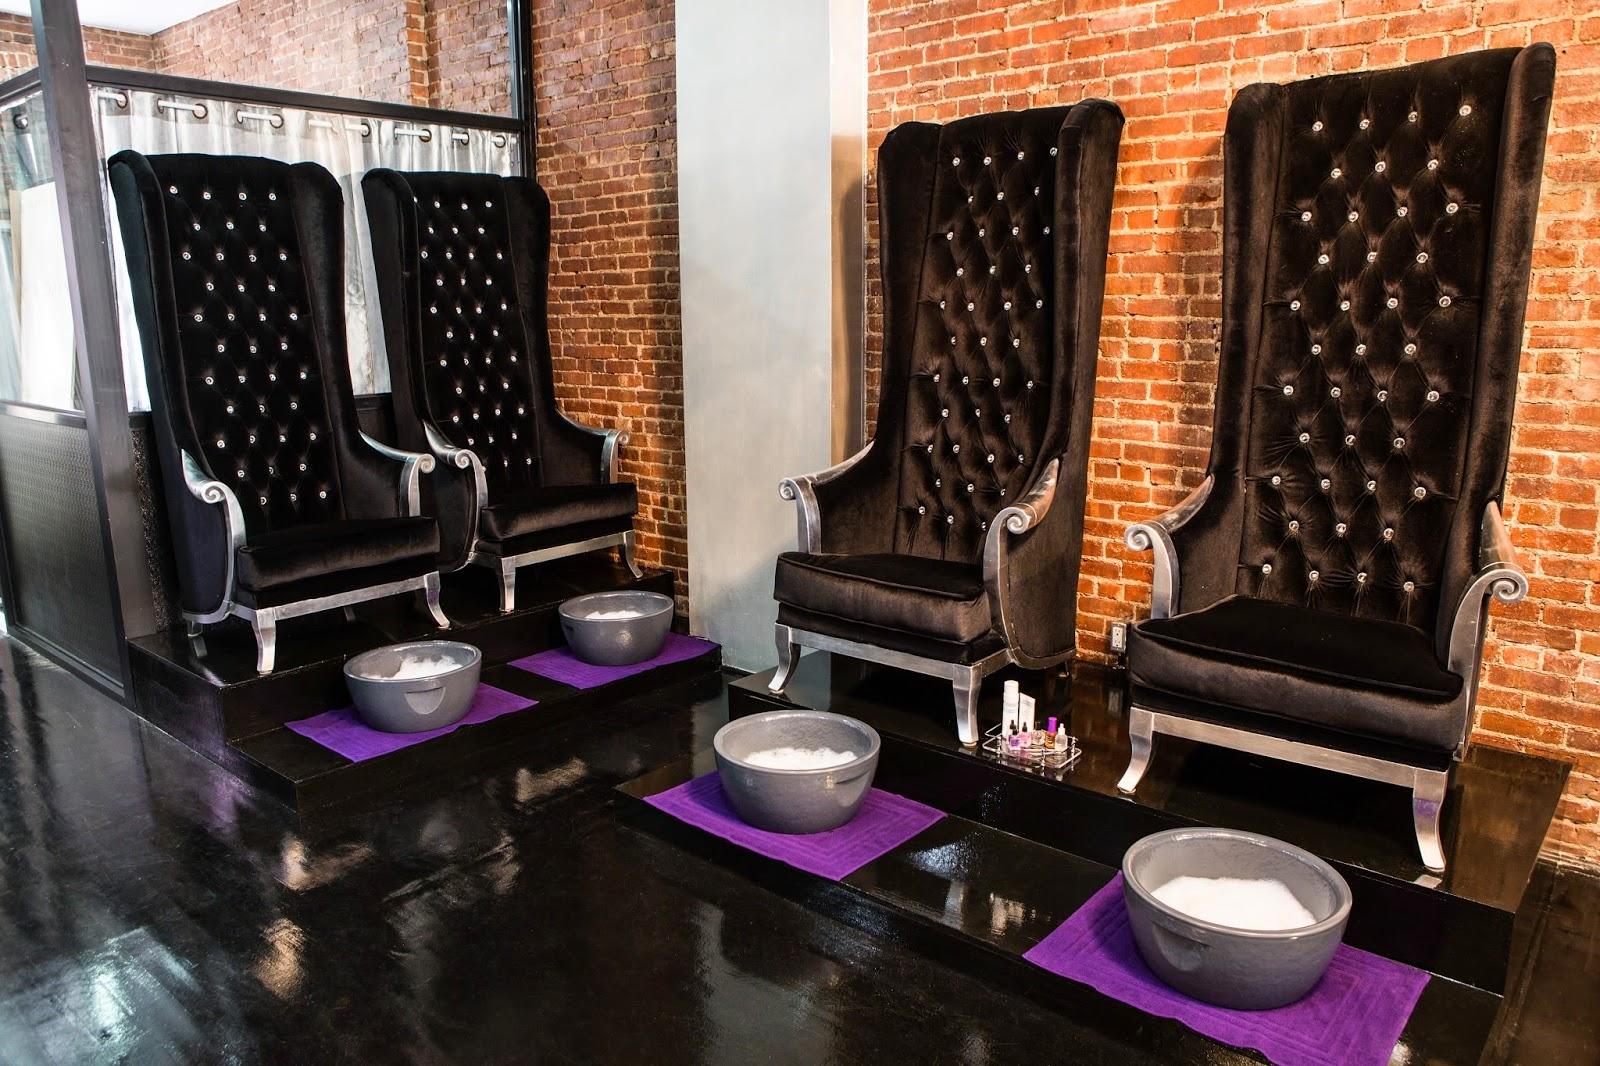 Stunning Moderne Salon Dayspa Pictures.Interior Salon Design Ideas ...